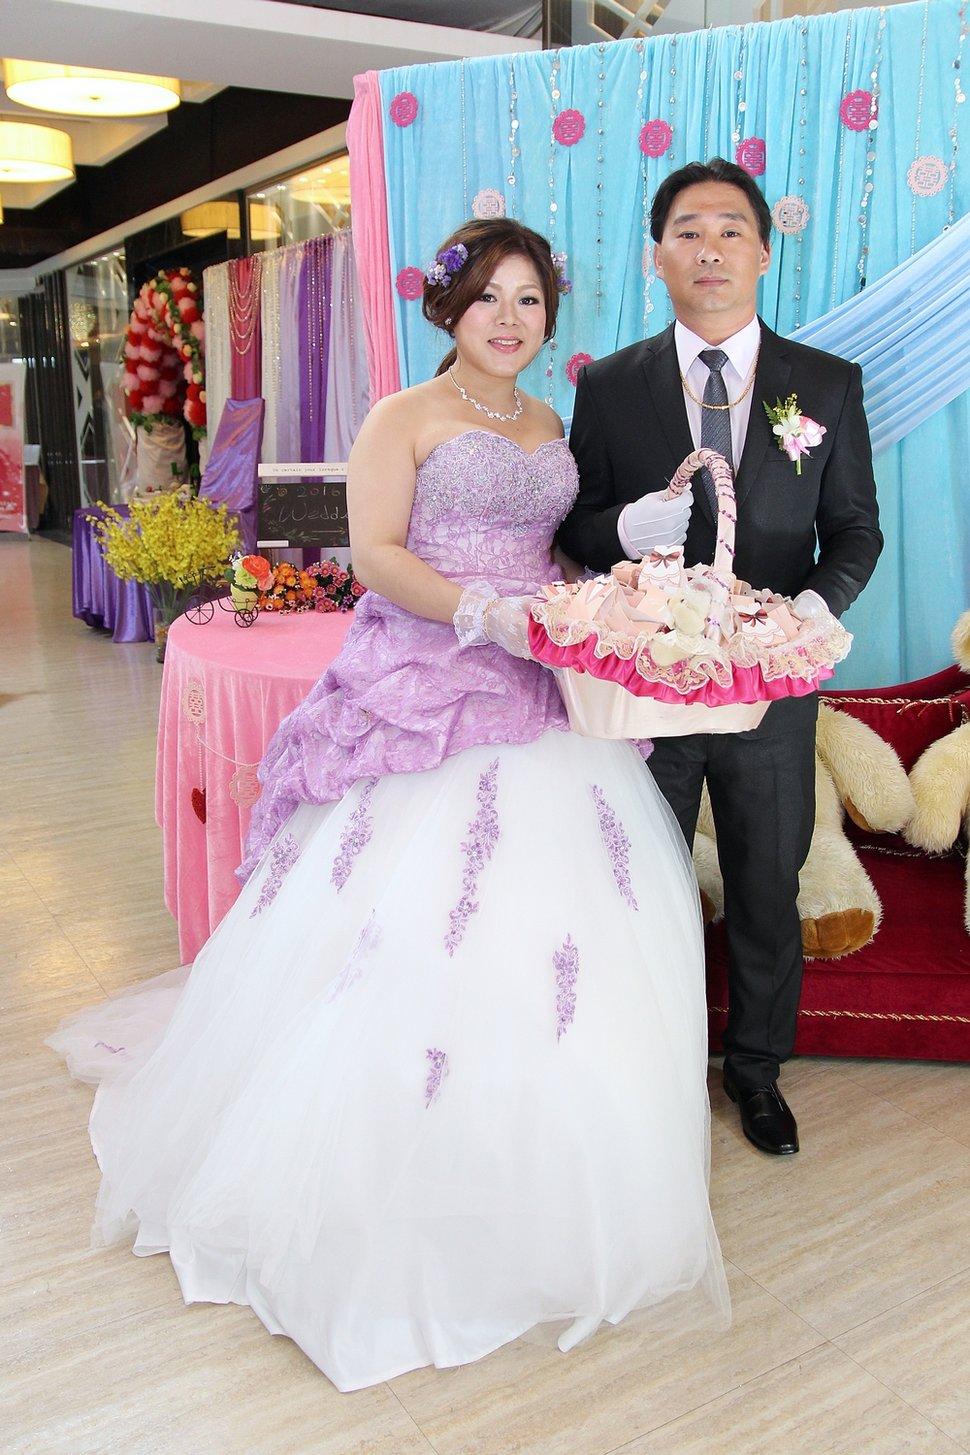 芳胤❤️雅雲(儀式+午宴)(內湖臻愛會館)(編號:431277) - 瑞比特婚禮紀錄攝影 - 結婚吧